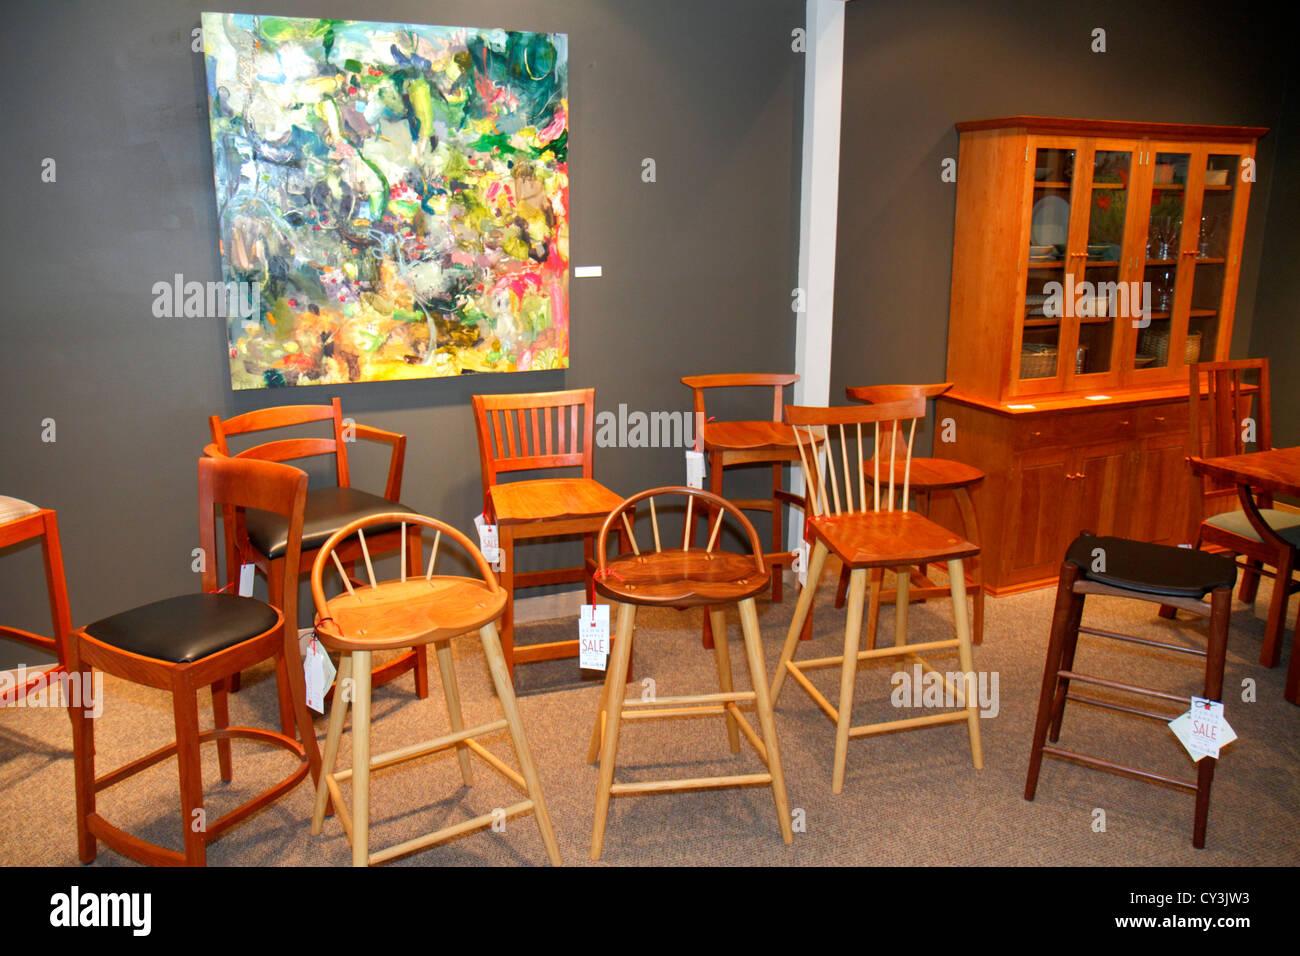 Maine Freeport Main Street Thomas Moser falegnamerie è realizzata a mano con arredamento designer sedie tavoli Immagini Stock